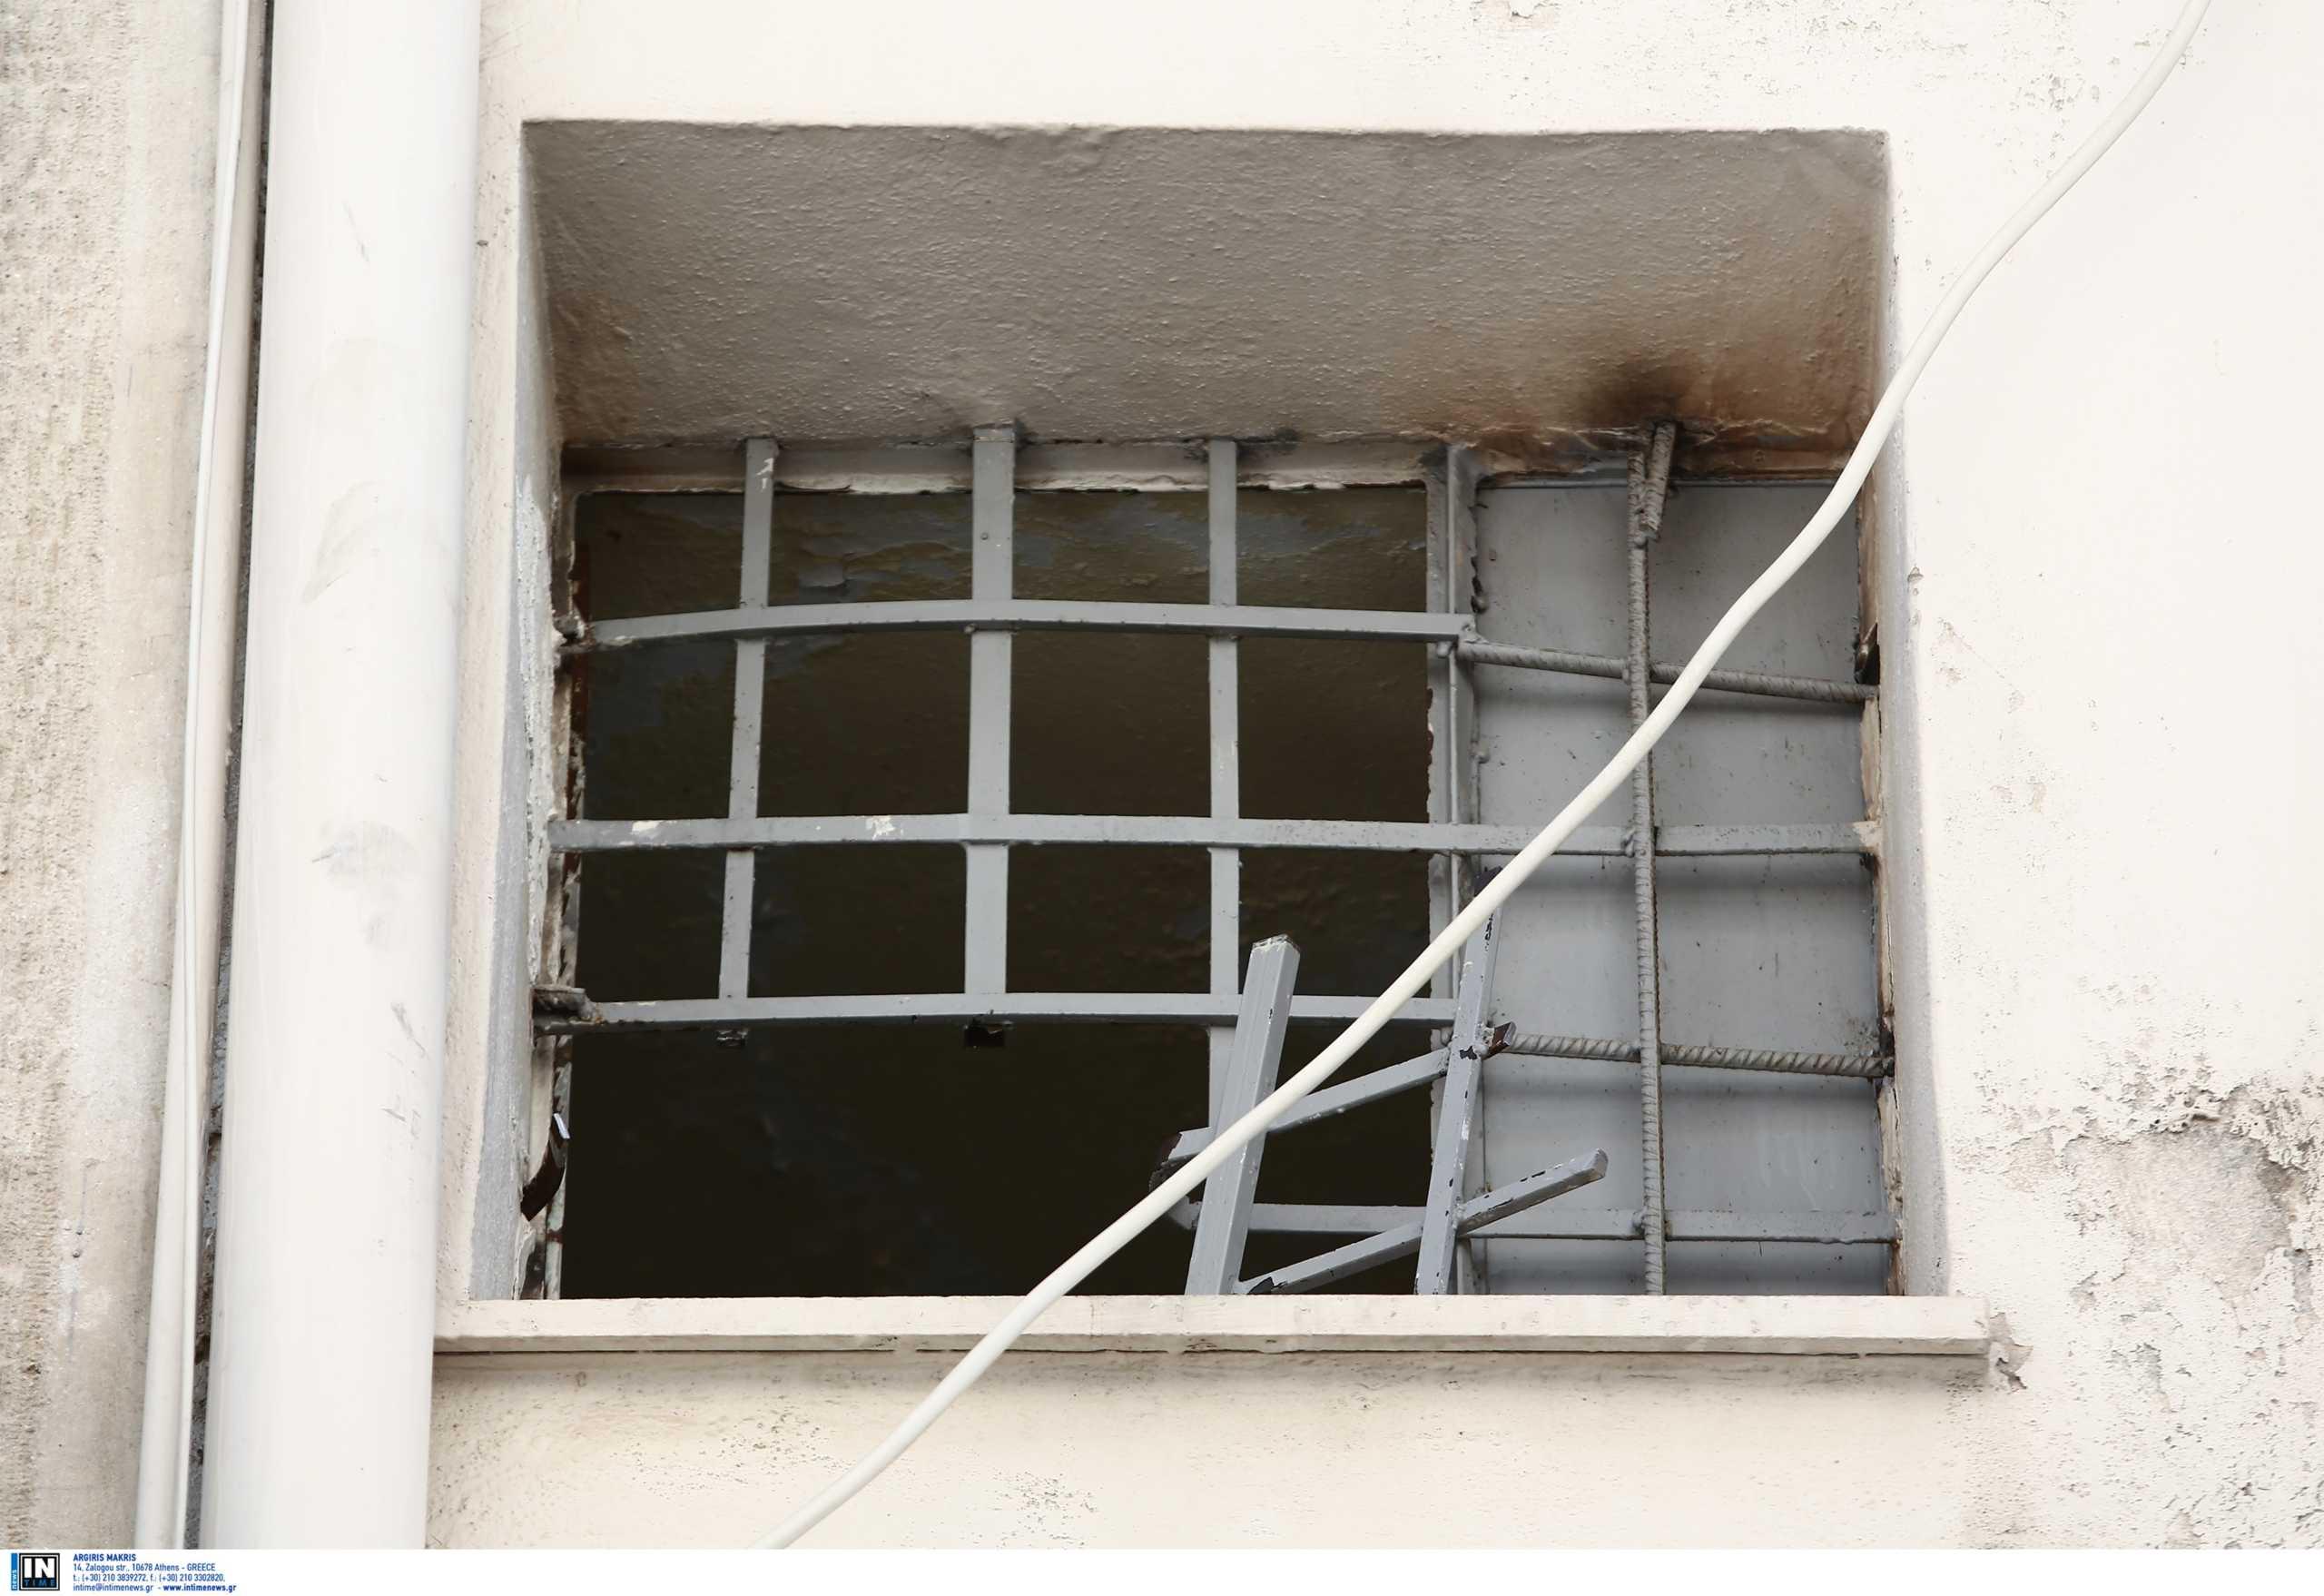 Απέδρασαν κακοποιοί από τις φυλακές Νέας Τίρυνθας - Πήδηξαν τα κάγκελα κι εξαφανίστηκαν